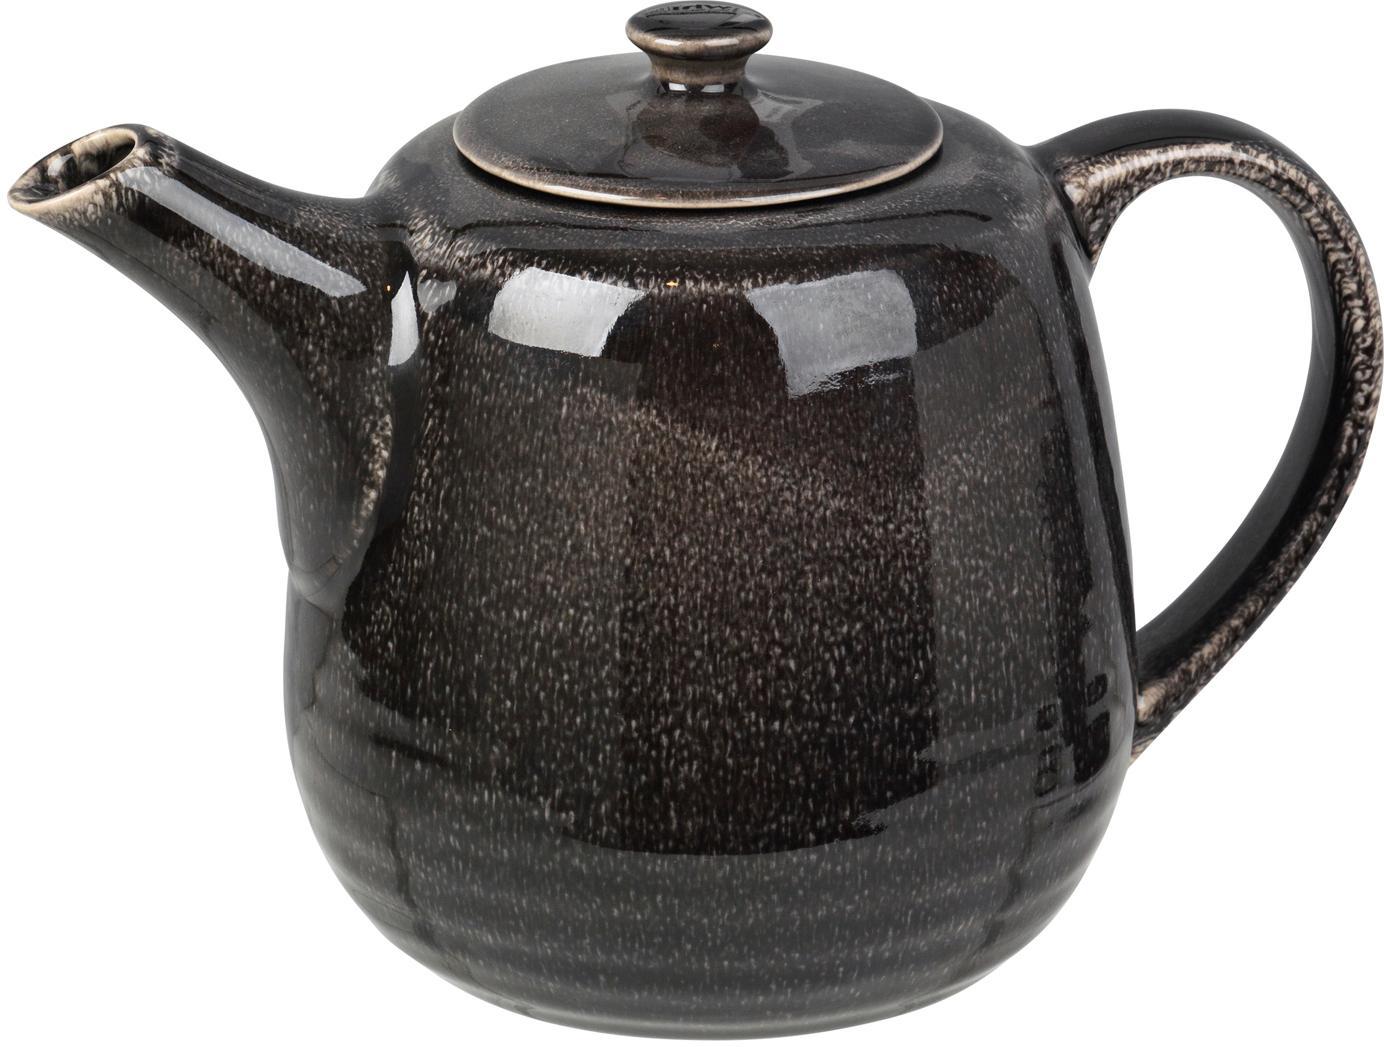 Handgemachte Teekanne Nordic Coal aus Steingut, Steingut, Bräunlich, 1.3 L